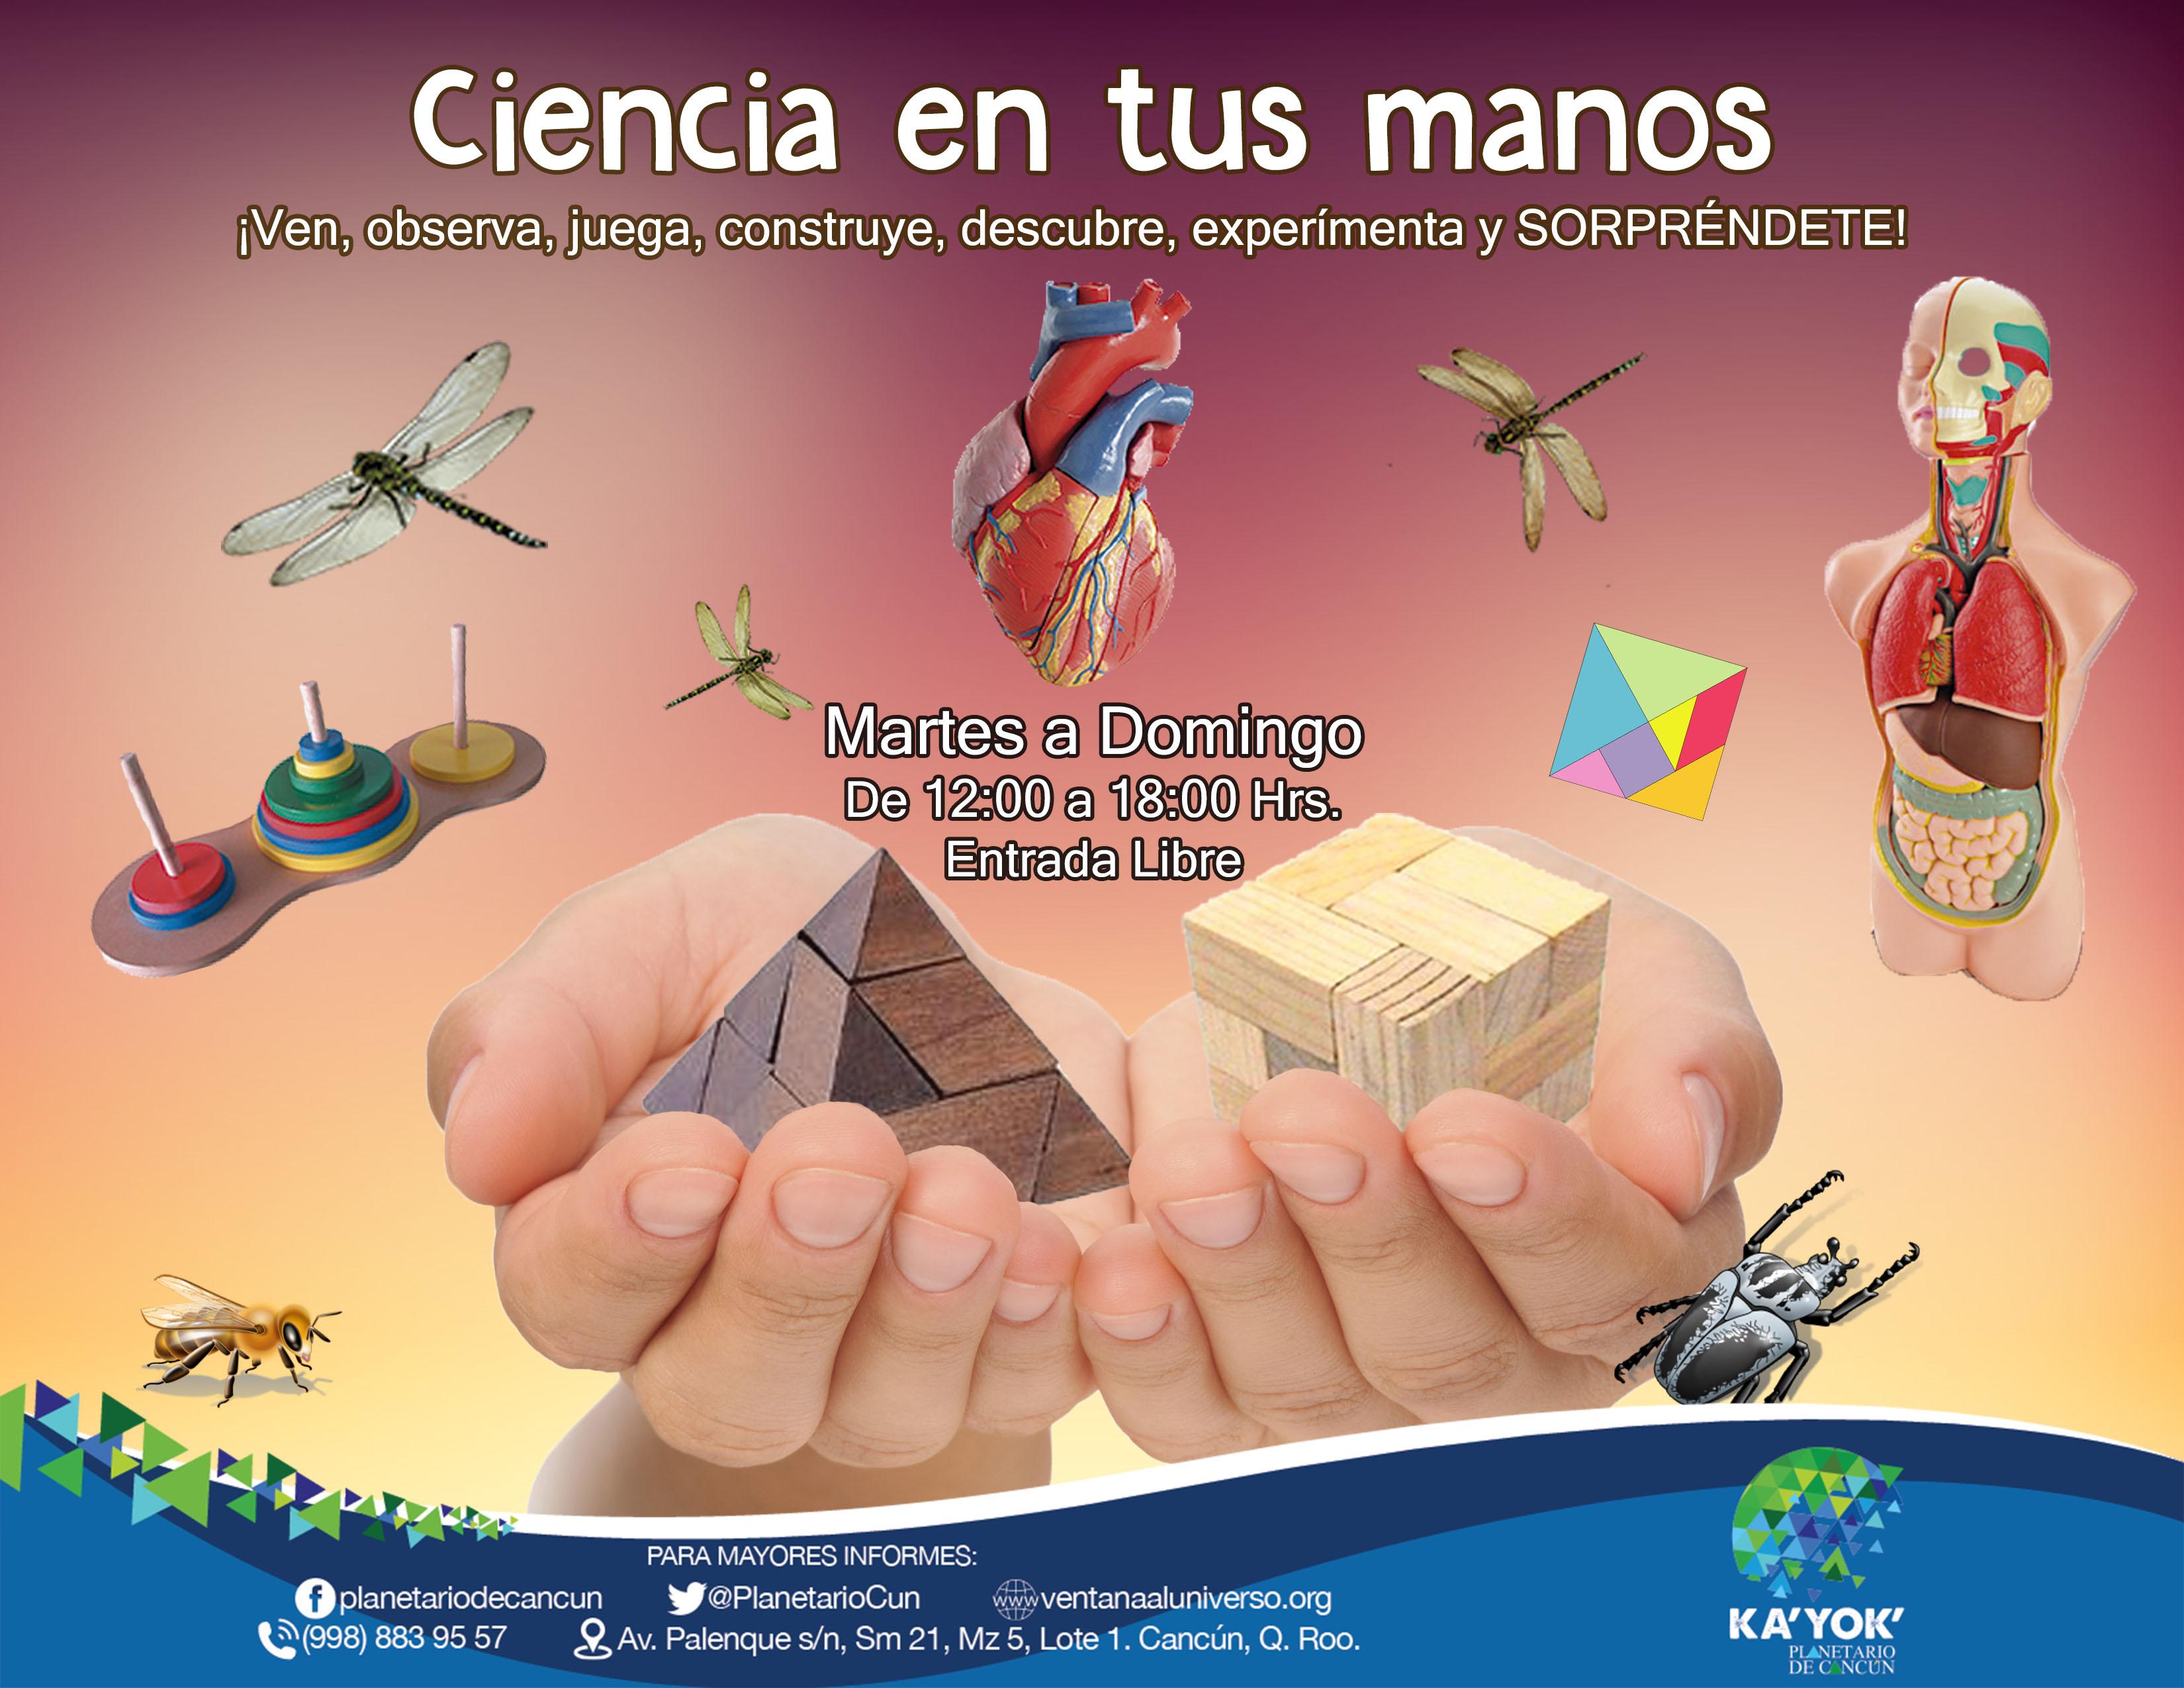 Ciencia en tus manos